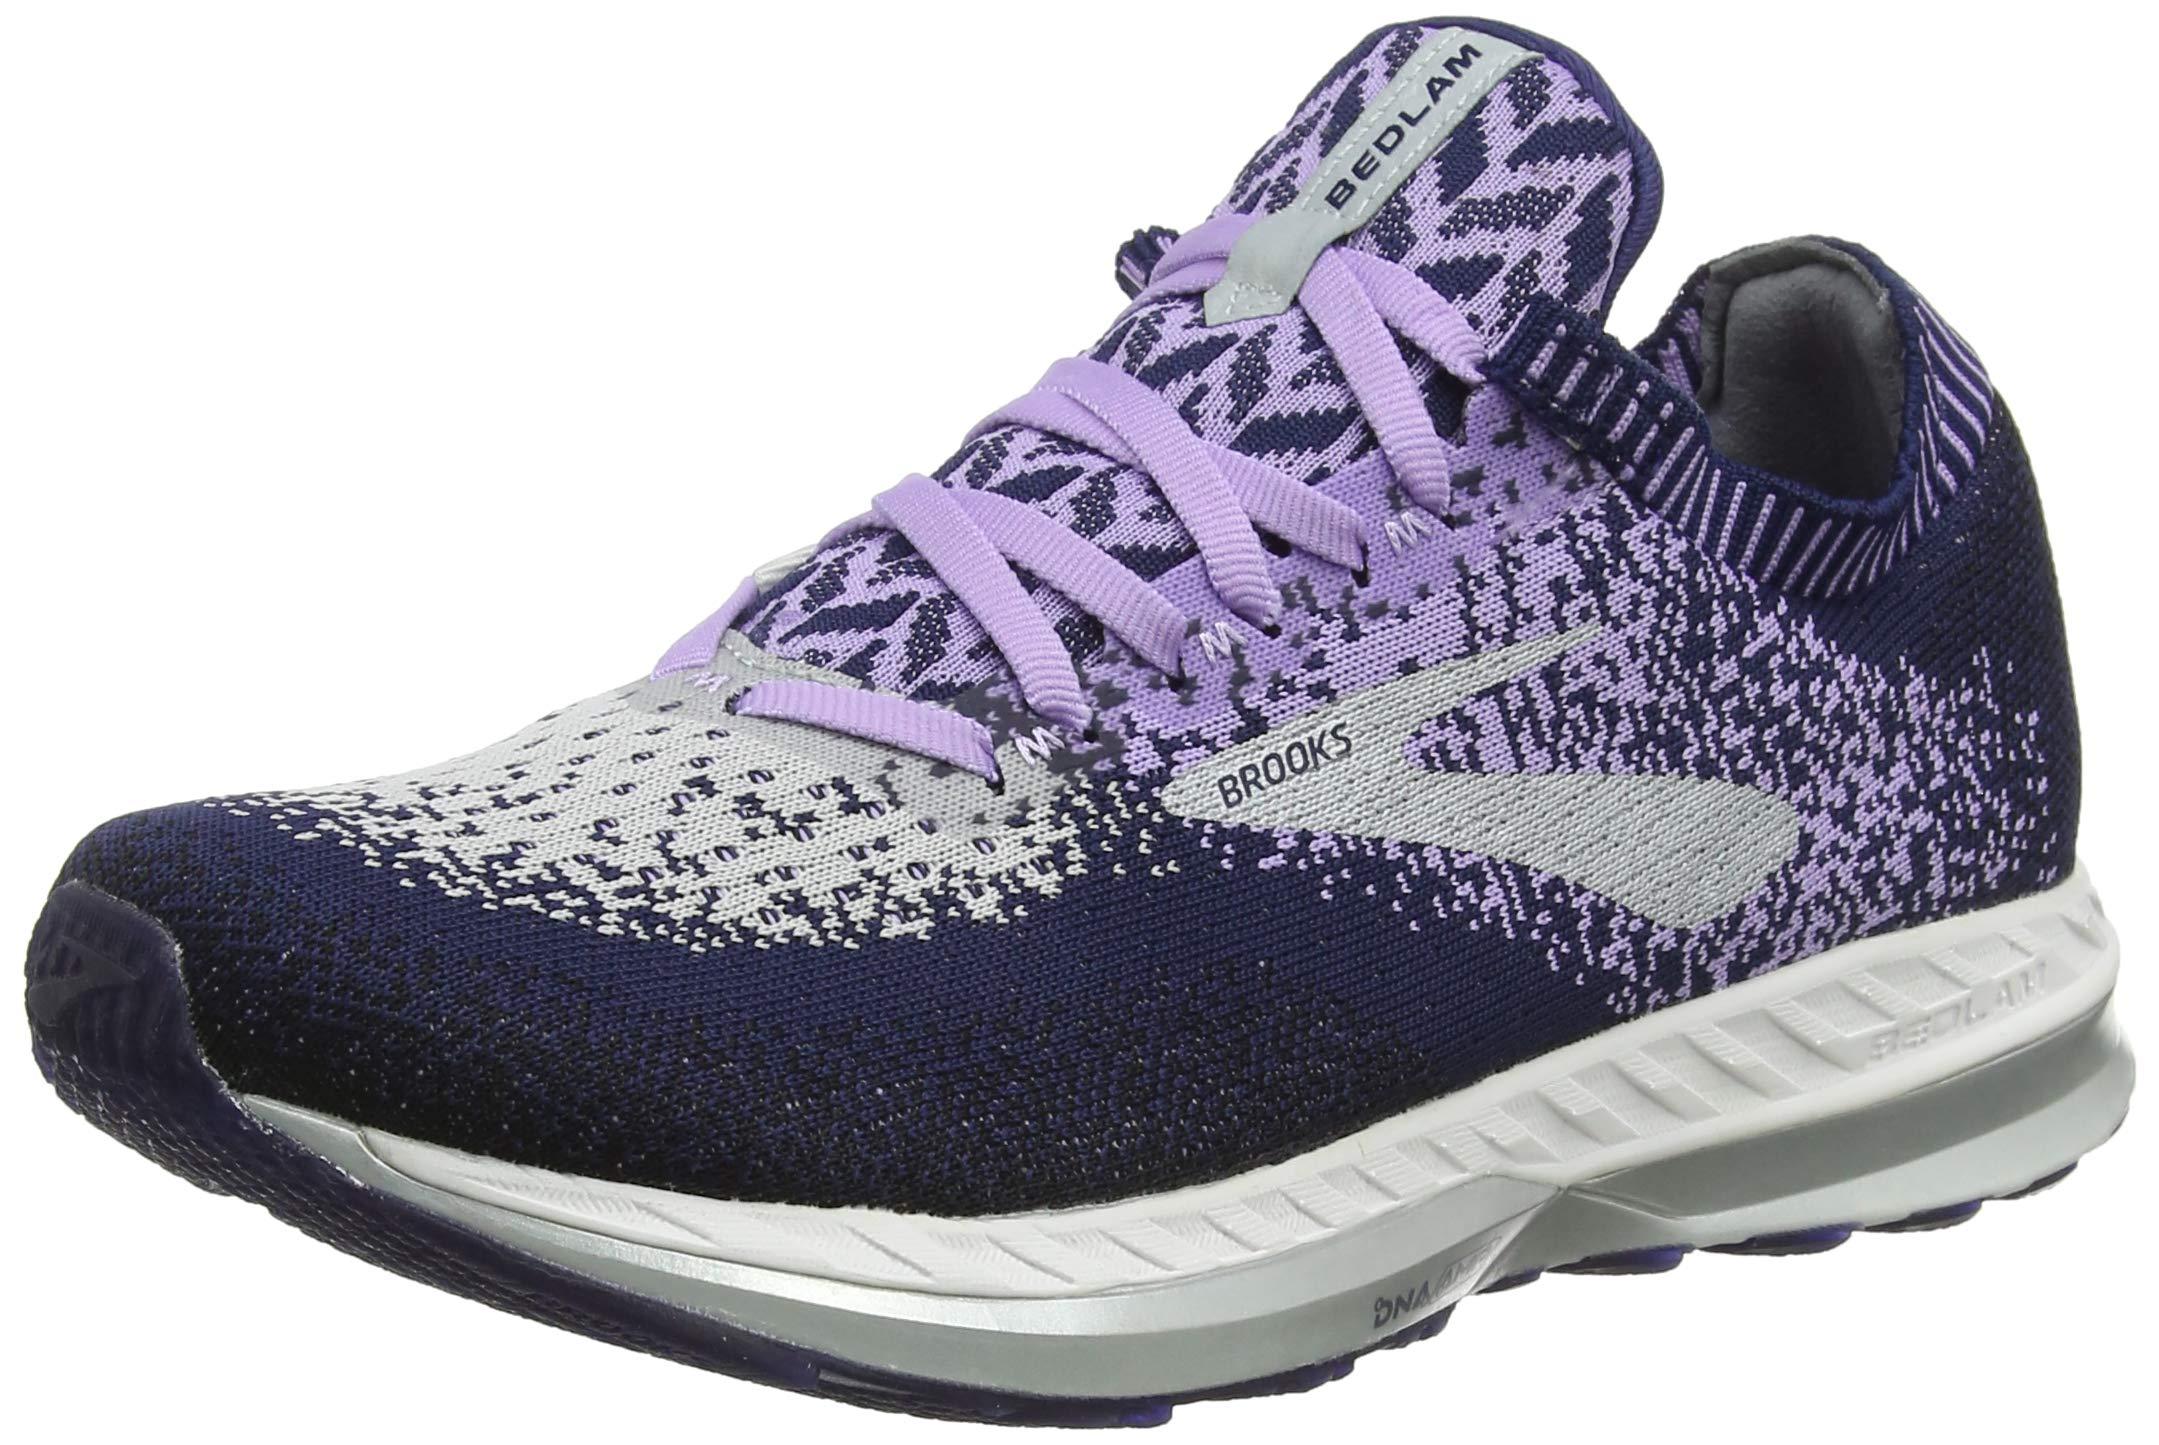 51813a111ac89 Brooks Women s Bedlam Running Shoes - UKsportsOutdoors